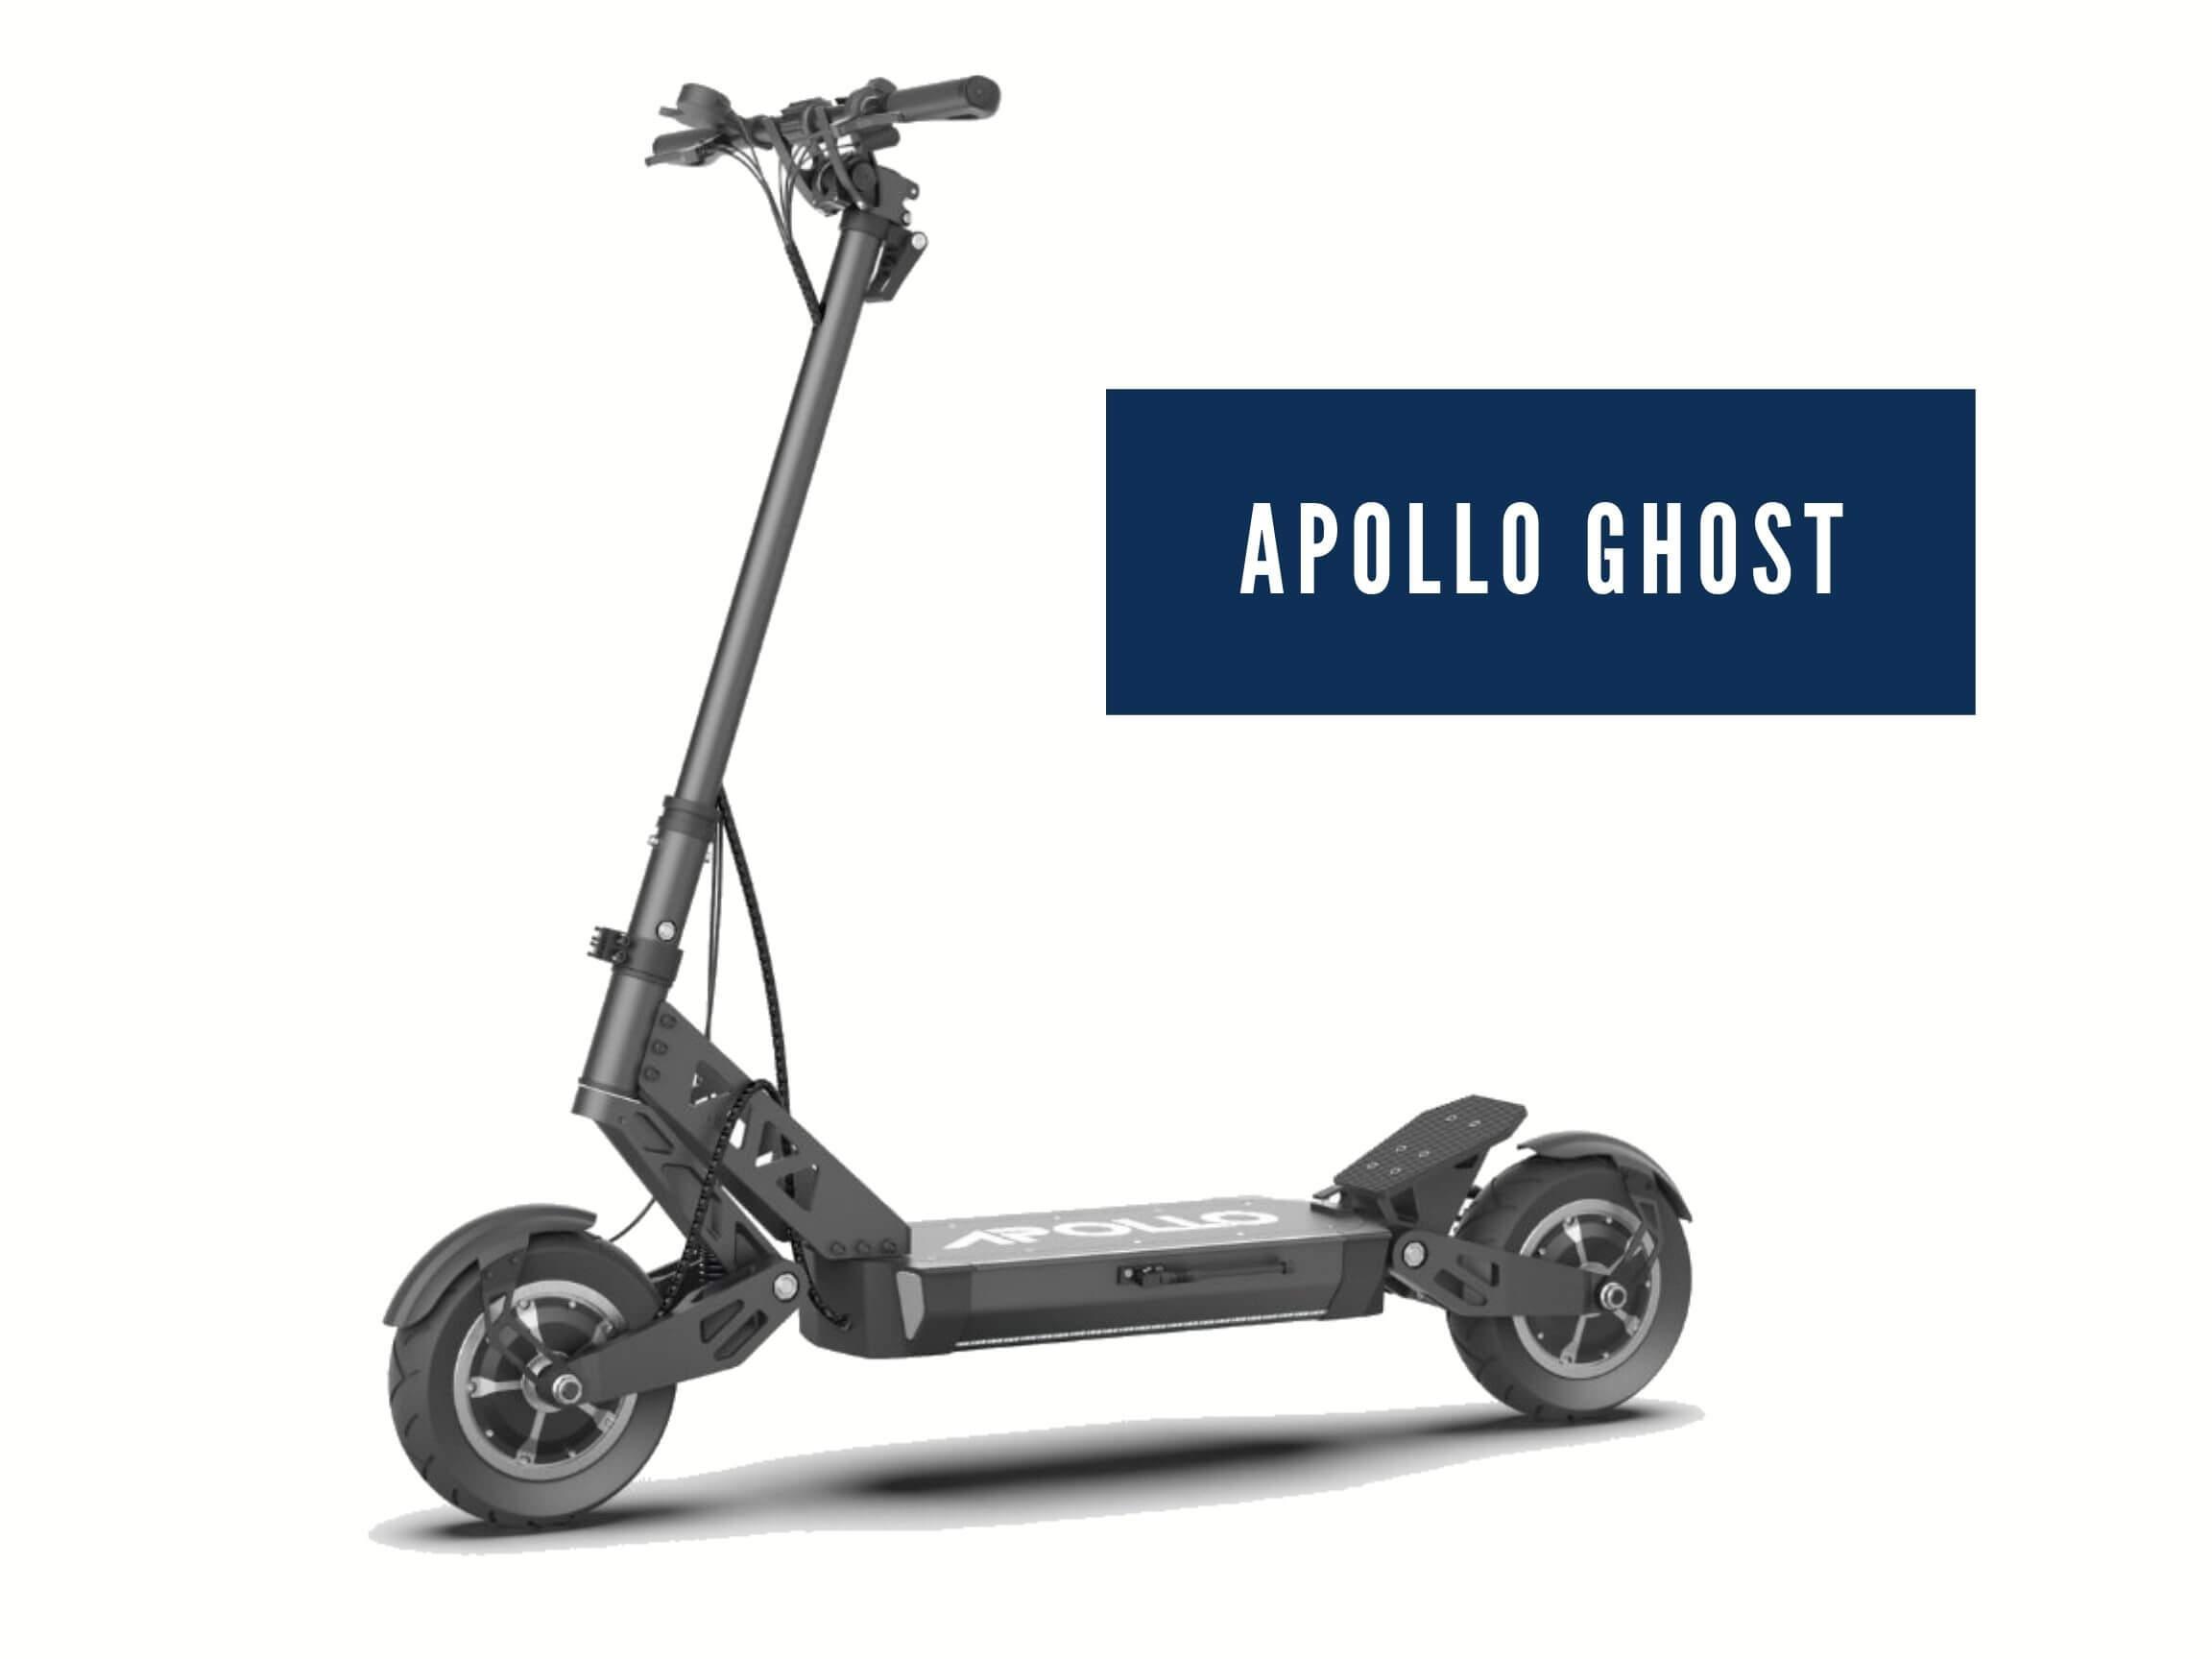 Apollo Ghost